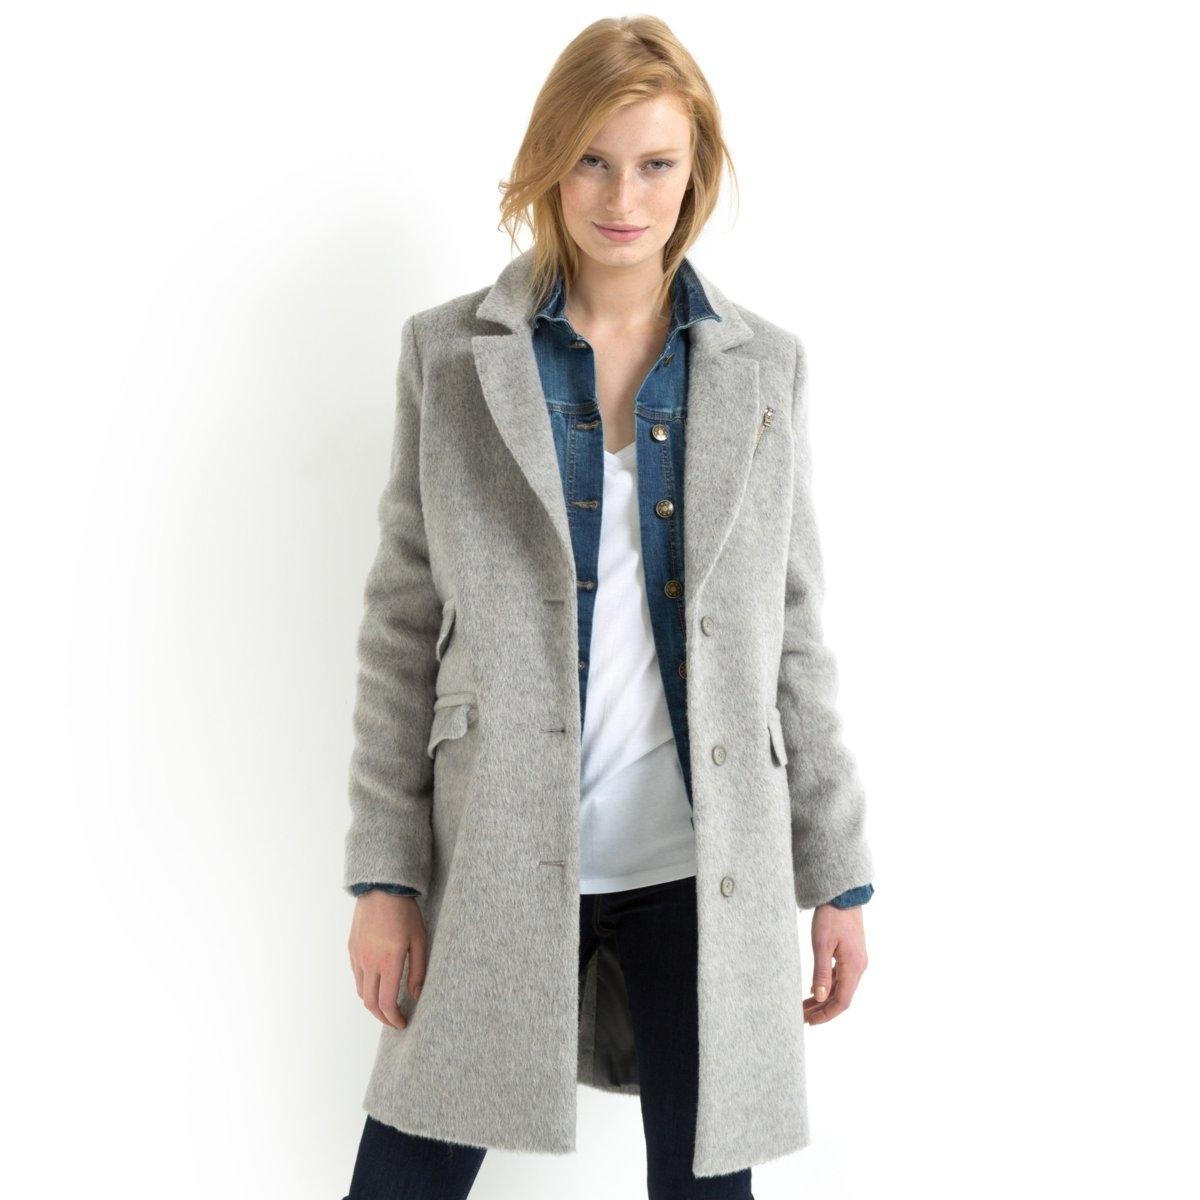 Пальто<br><br>Цвет: розовый меланж,серый меланж<br>Размер: 40 (FR) - 46 (RUS).44 (FR) - 50 (RUS).46 (FR) - 52 (RUS).48 (FR) - 54 (RUS)